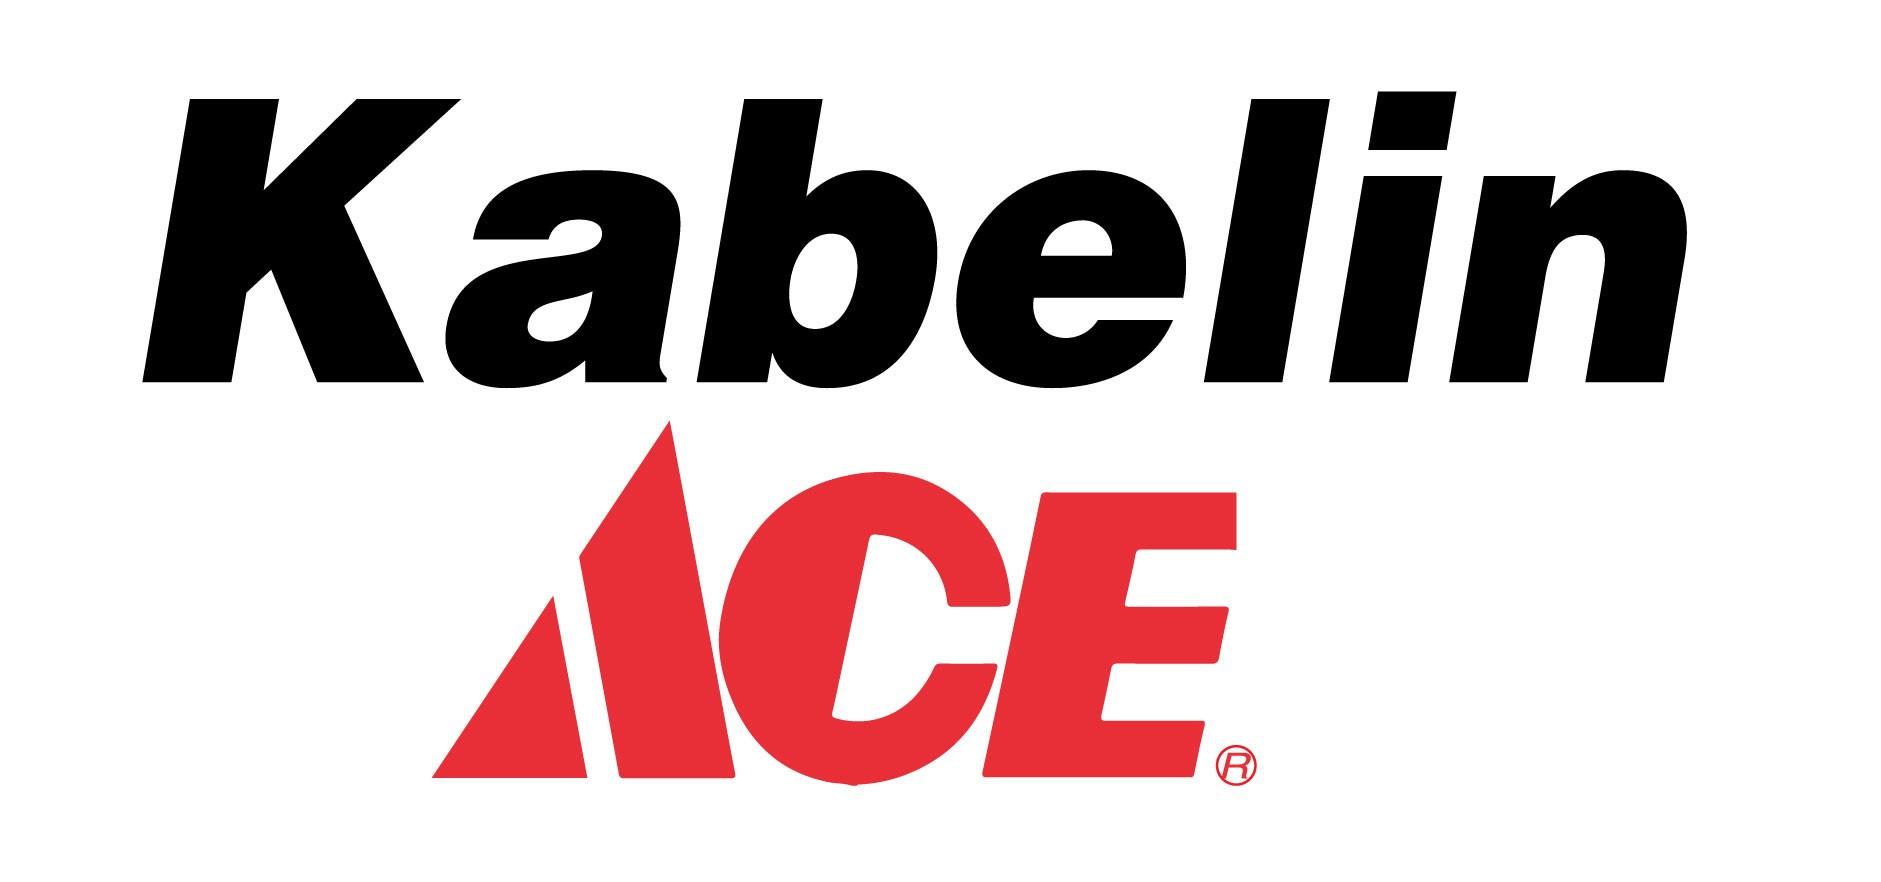 Ace Hardware | Kabelin Ace Hardware